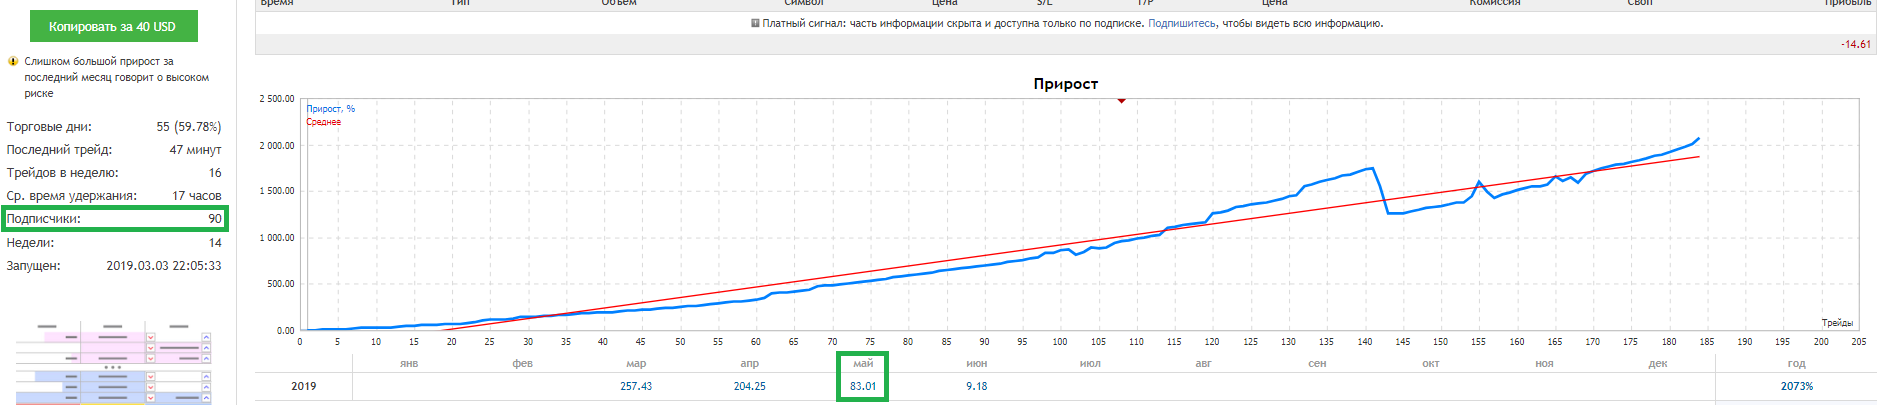 oferim tranzacționare prin semnale)